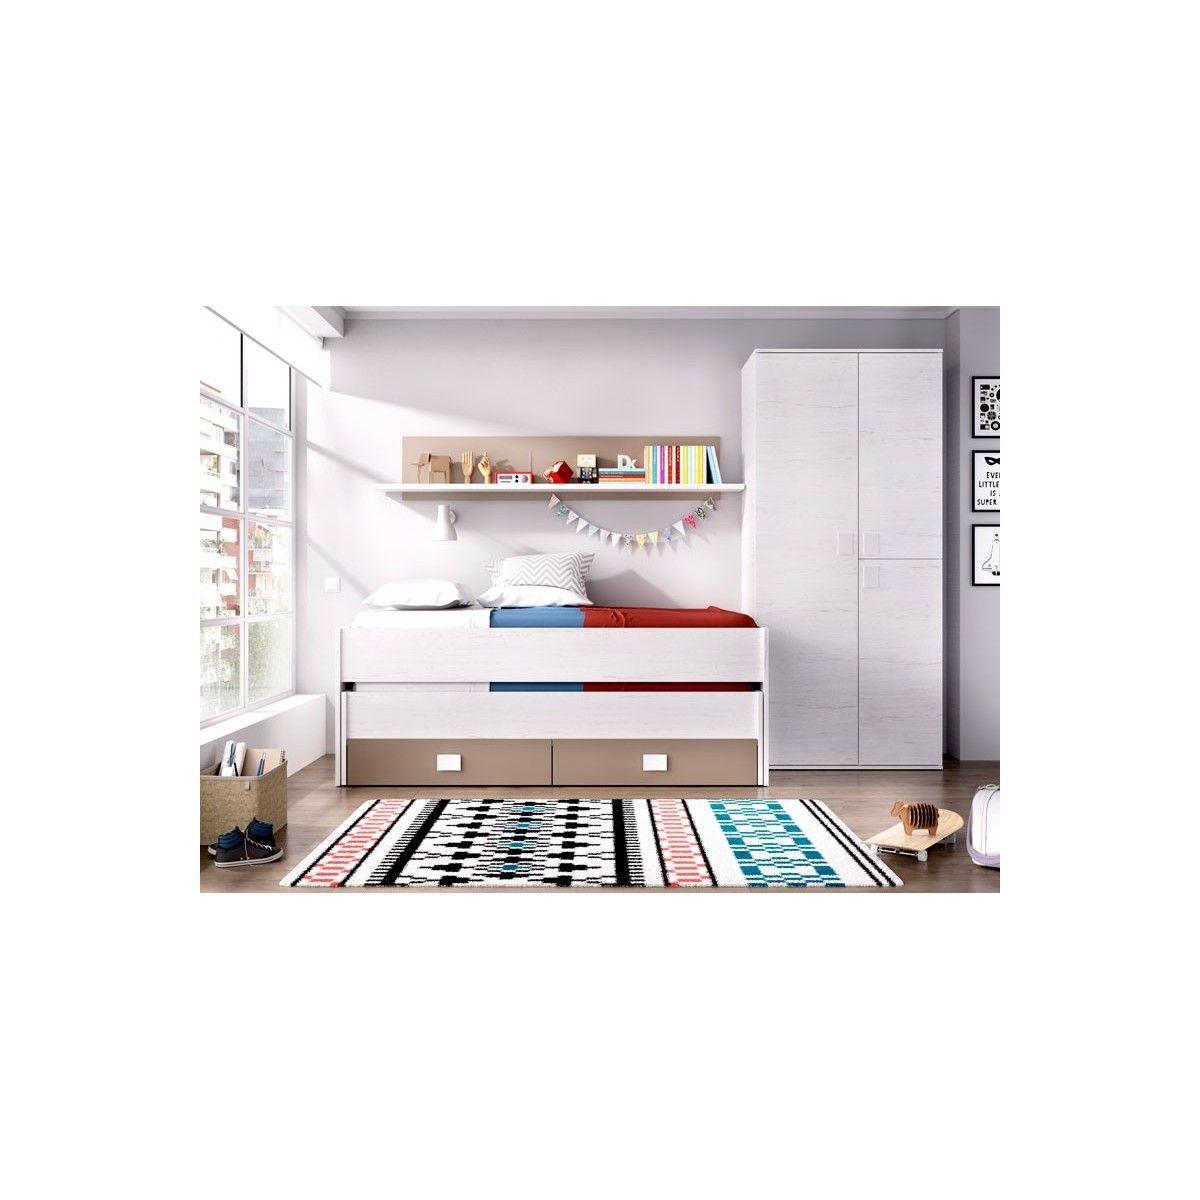 Armario 3 puertas blanco clein armarios baratos for Armarios juveniles baratos online